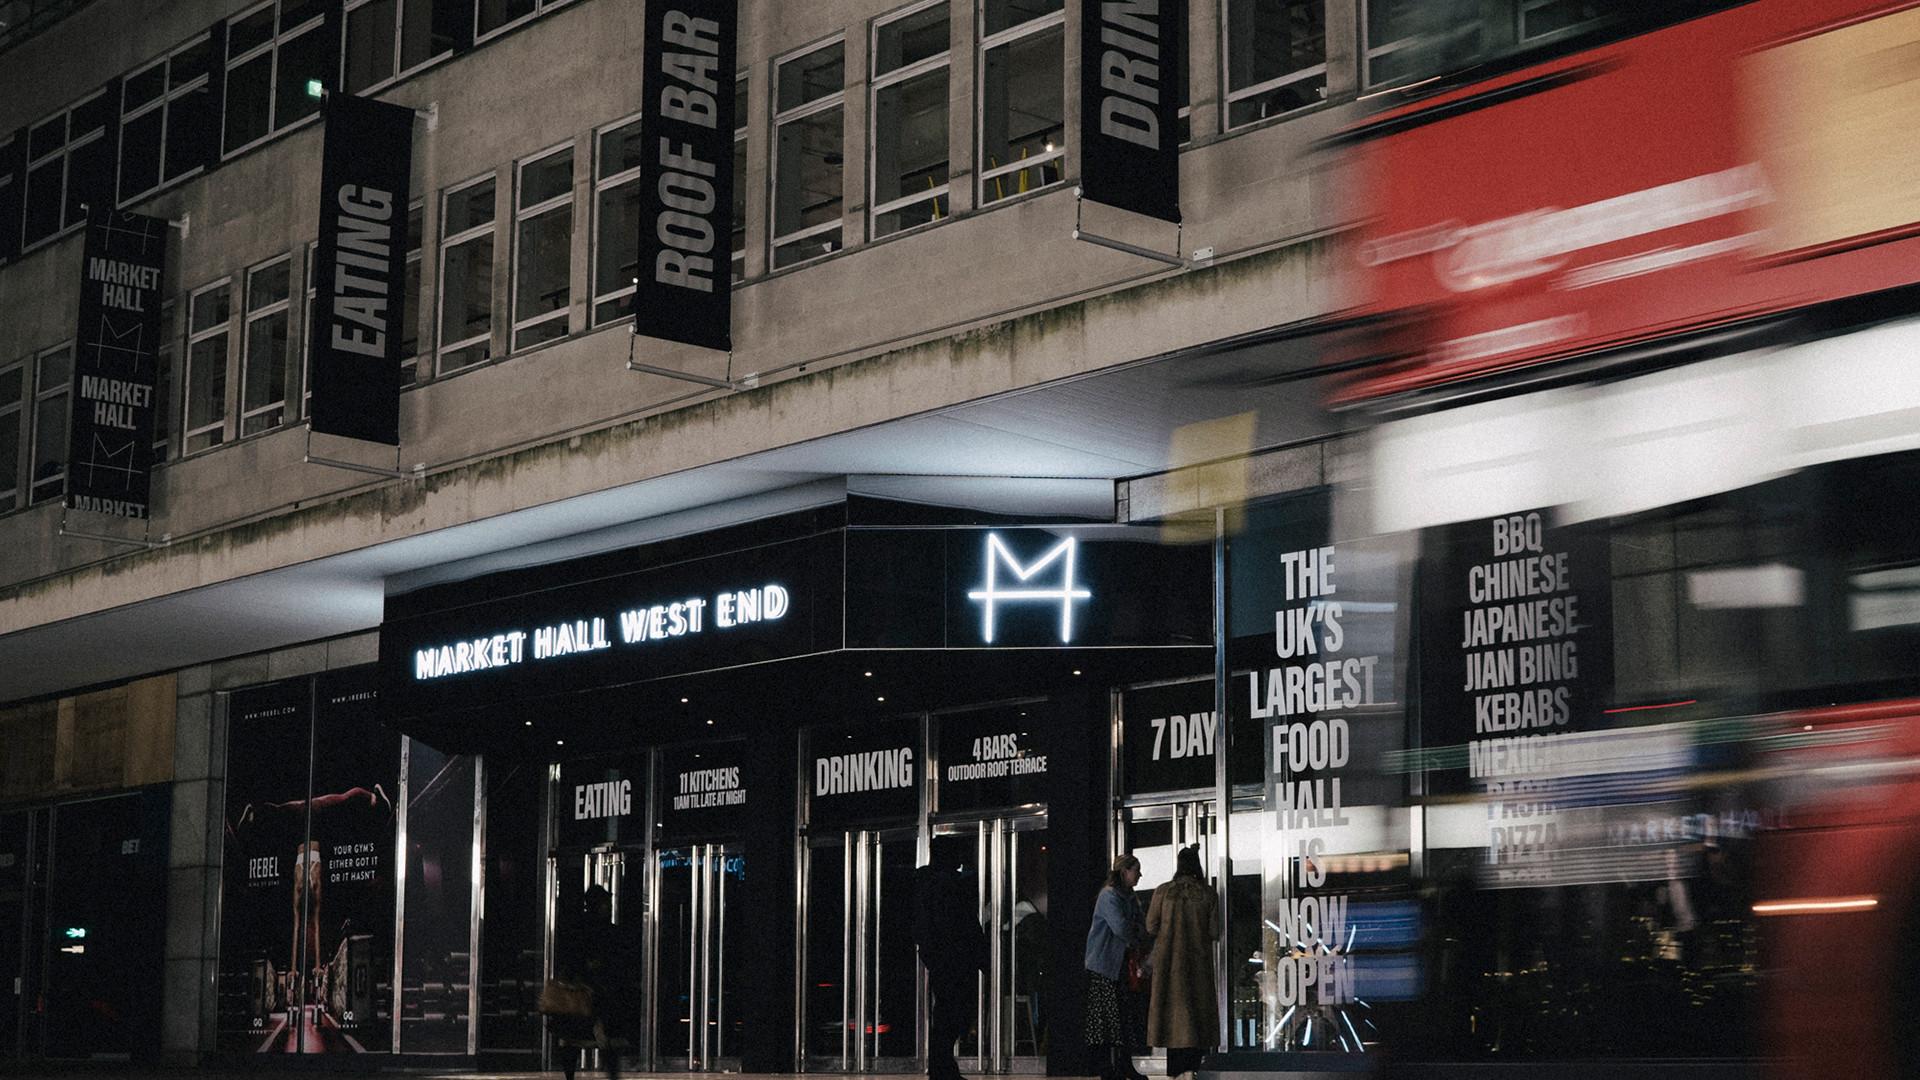 Market Halls West End